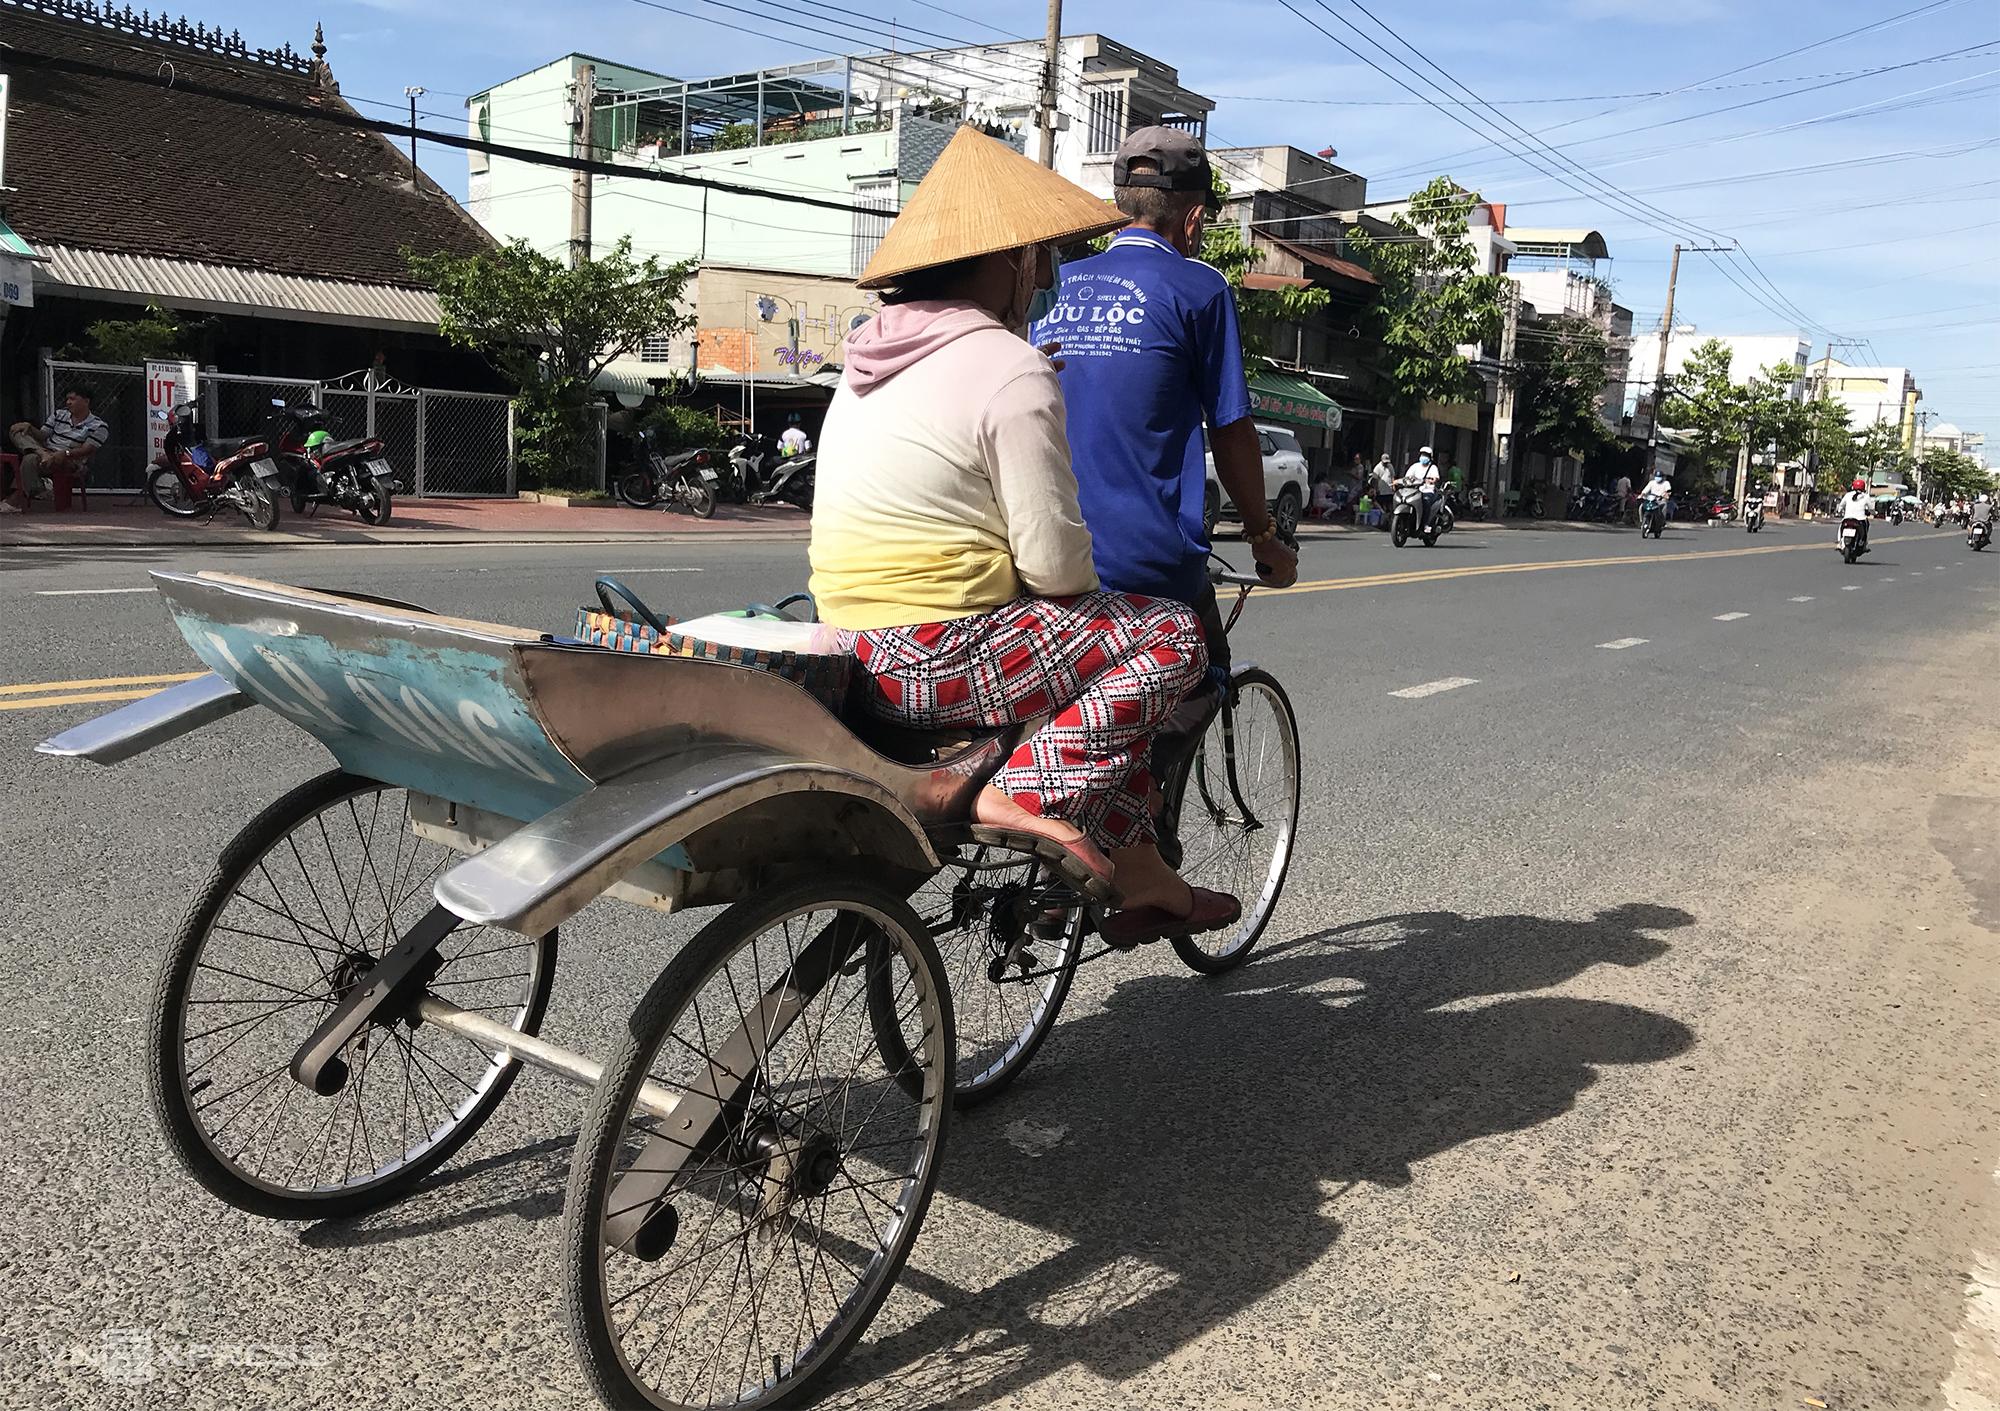 Nhiều người vẫn giữ thói quen đi xe đạp lôi vừa để giúp những bác tài tuổi đã cao có thu nhập. Ảnh: Ngọc Tài.